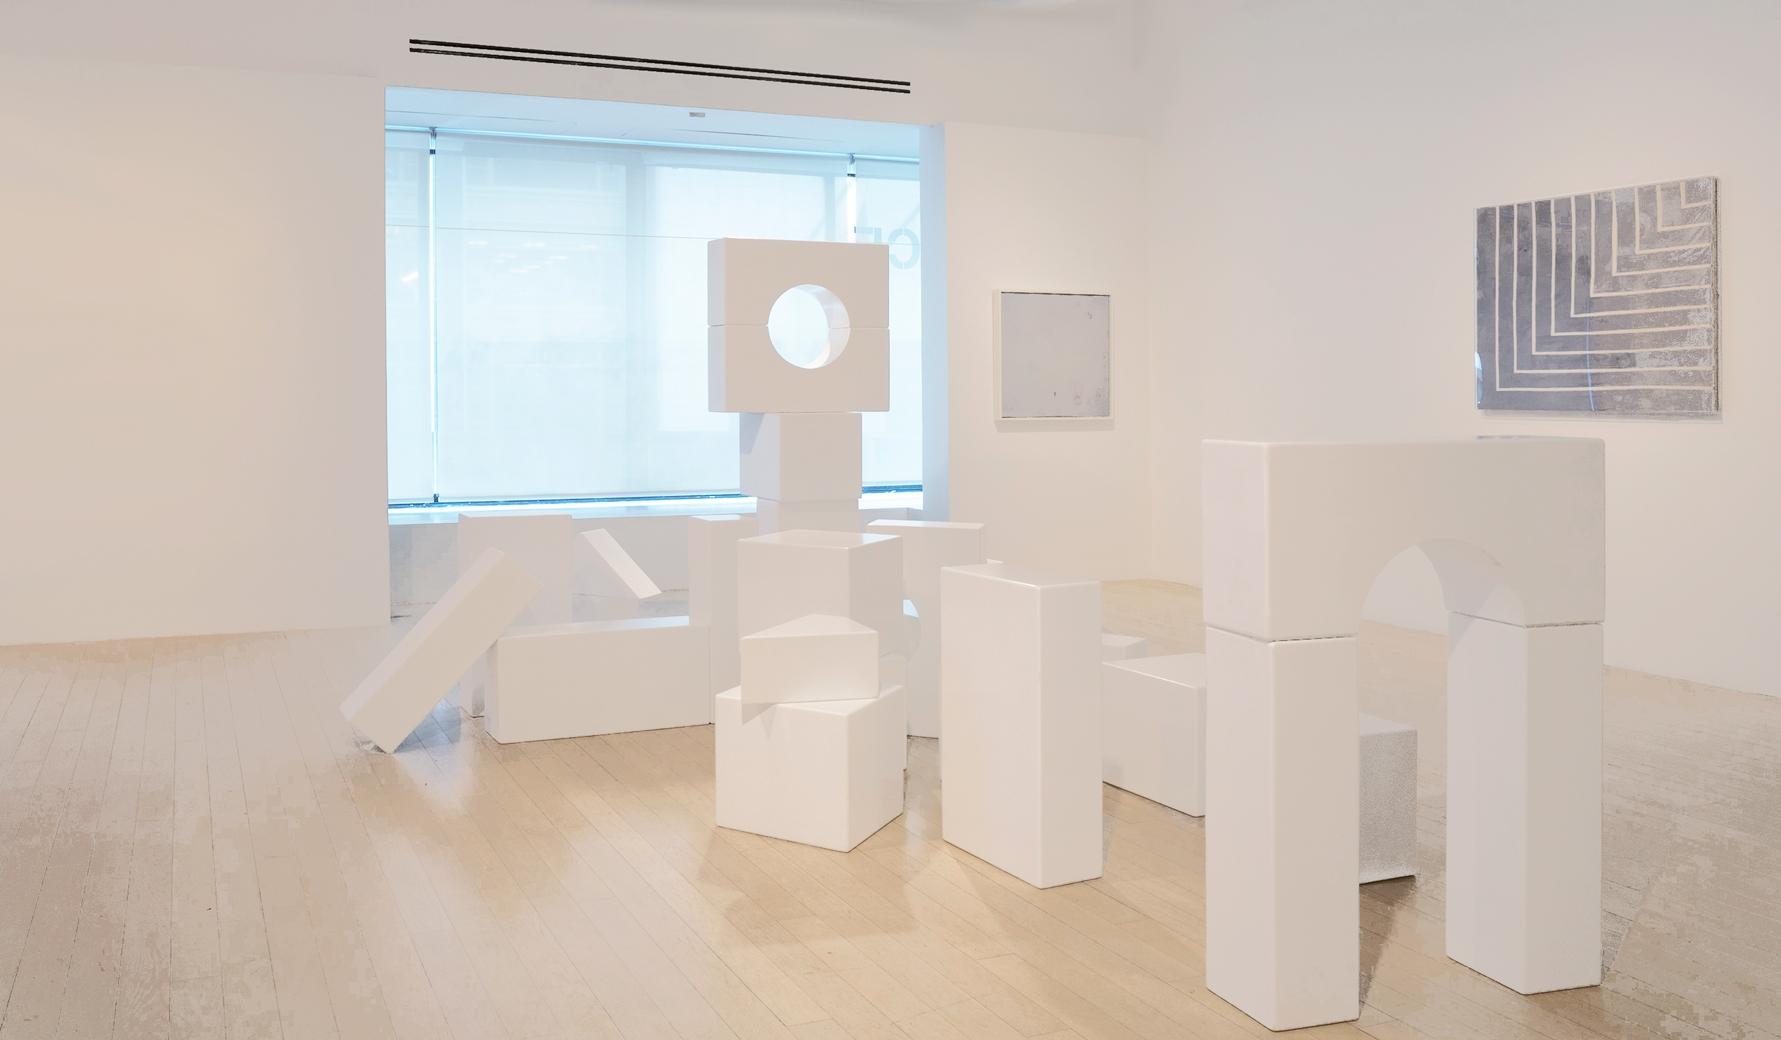 Jeu de construction Thérèse (Thérèse Unit Blocks), 2017, painted wood, dimensions variable